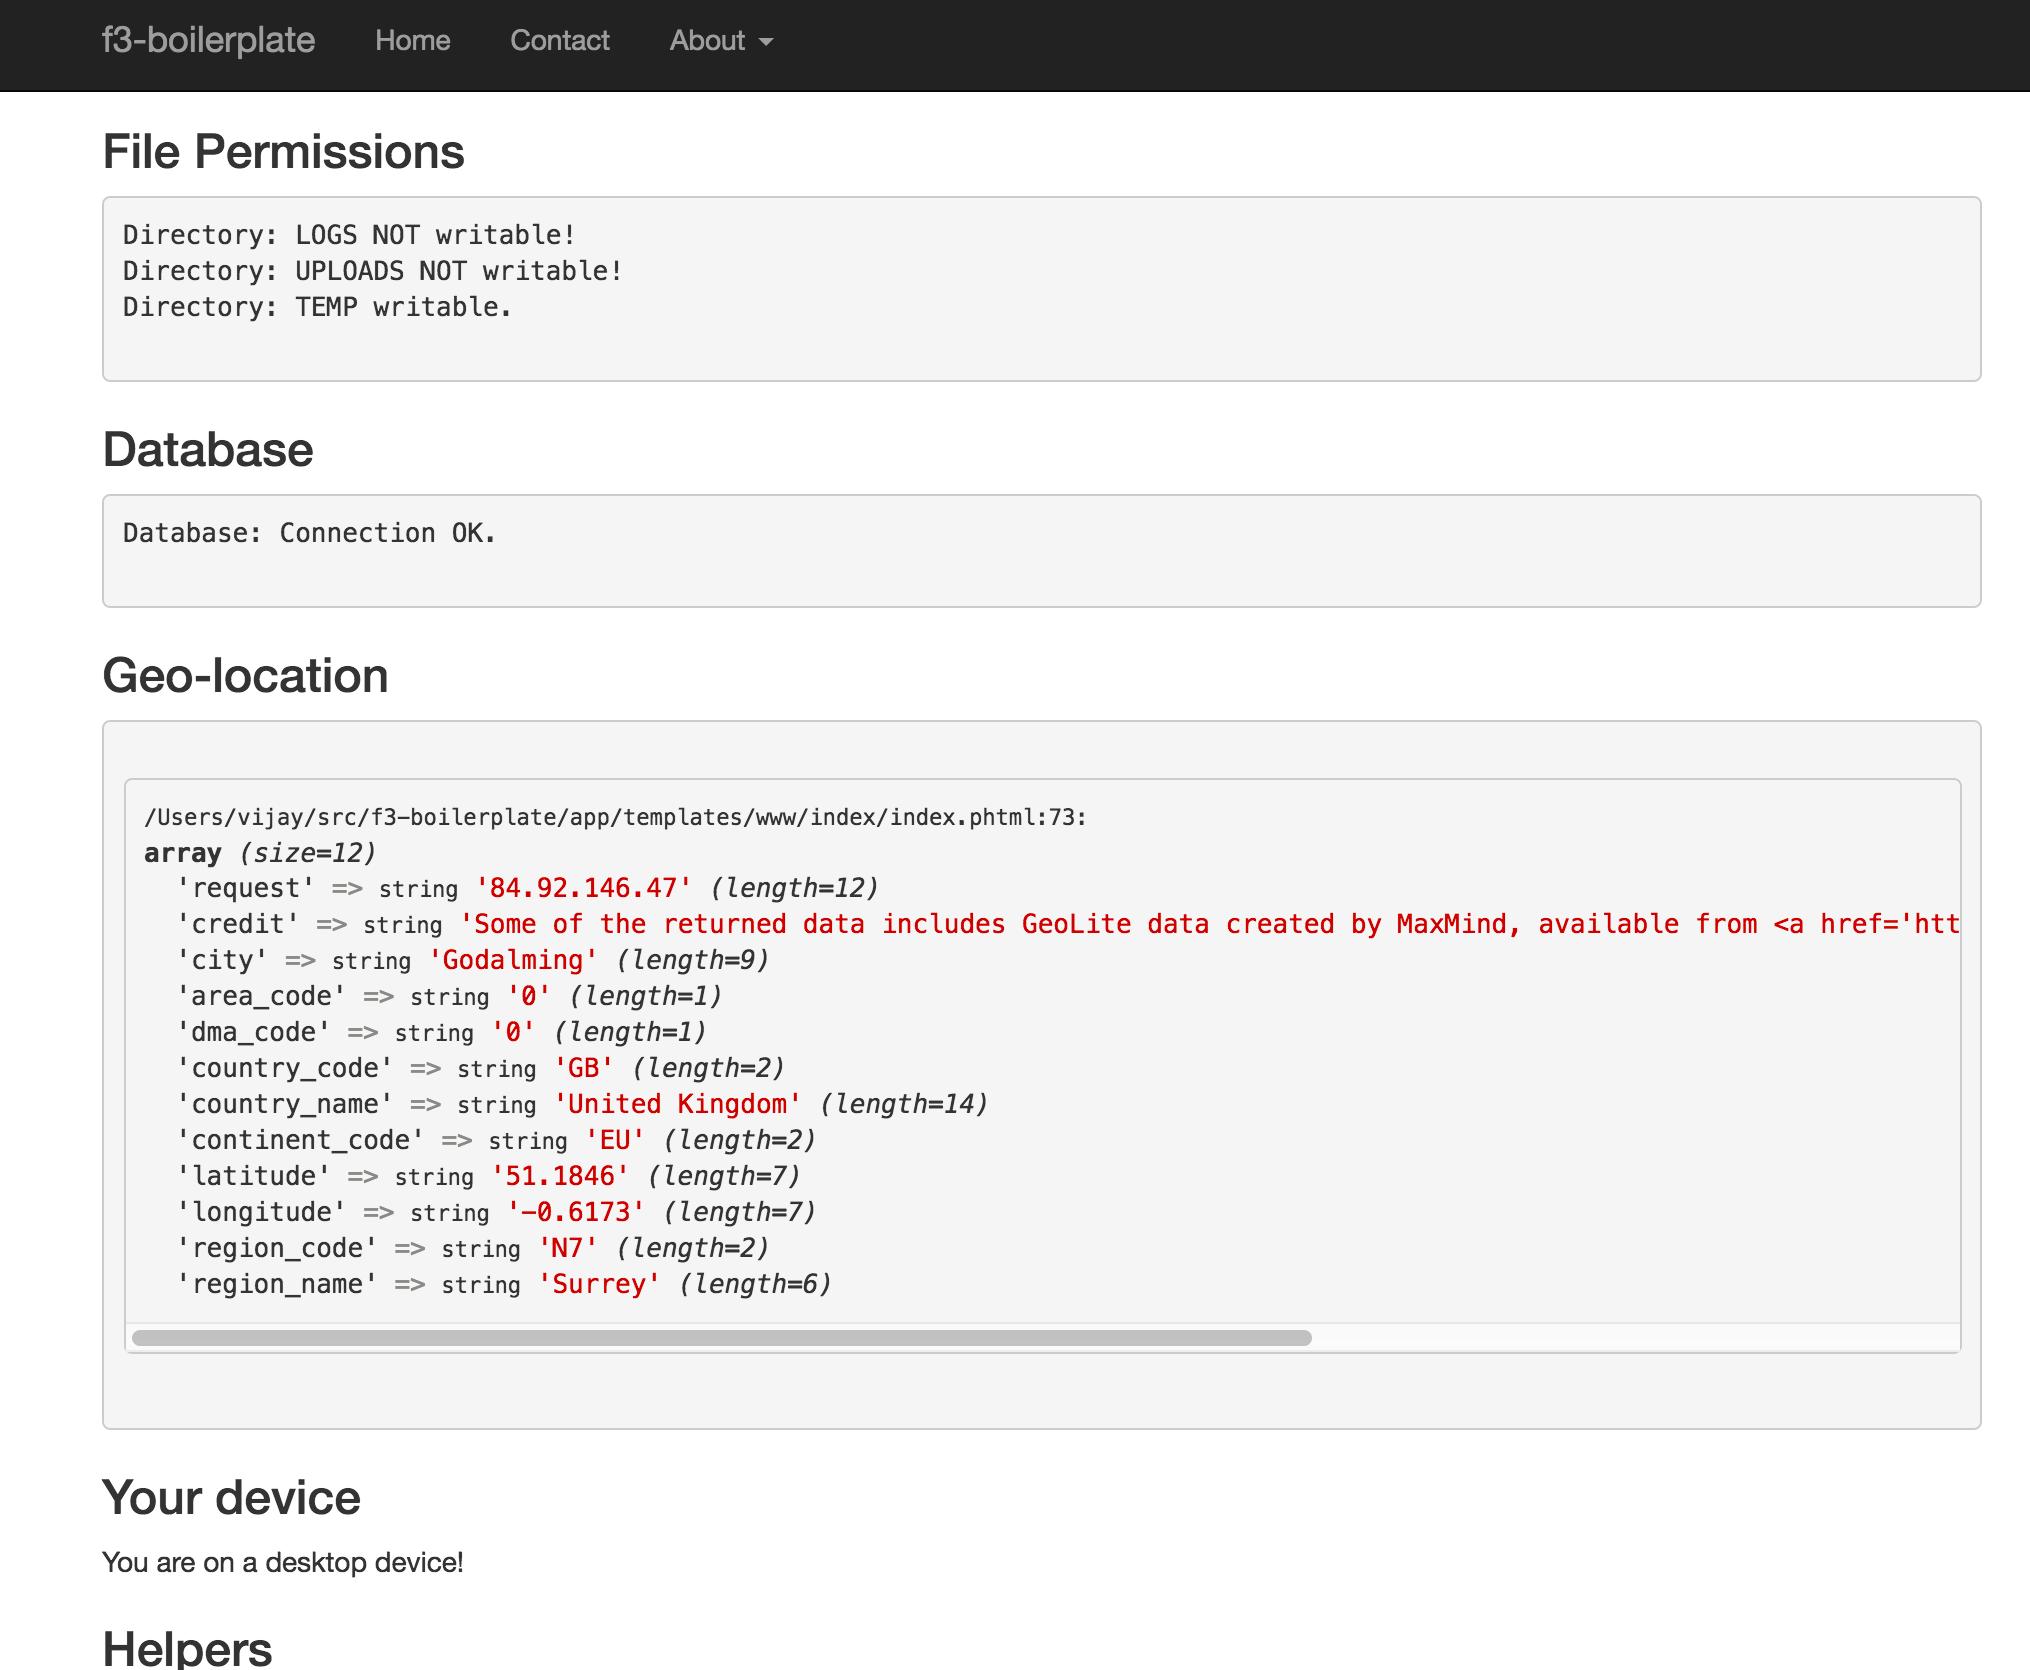 f3-boilerplate homepage screenshot